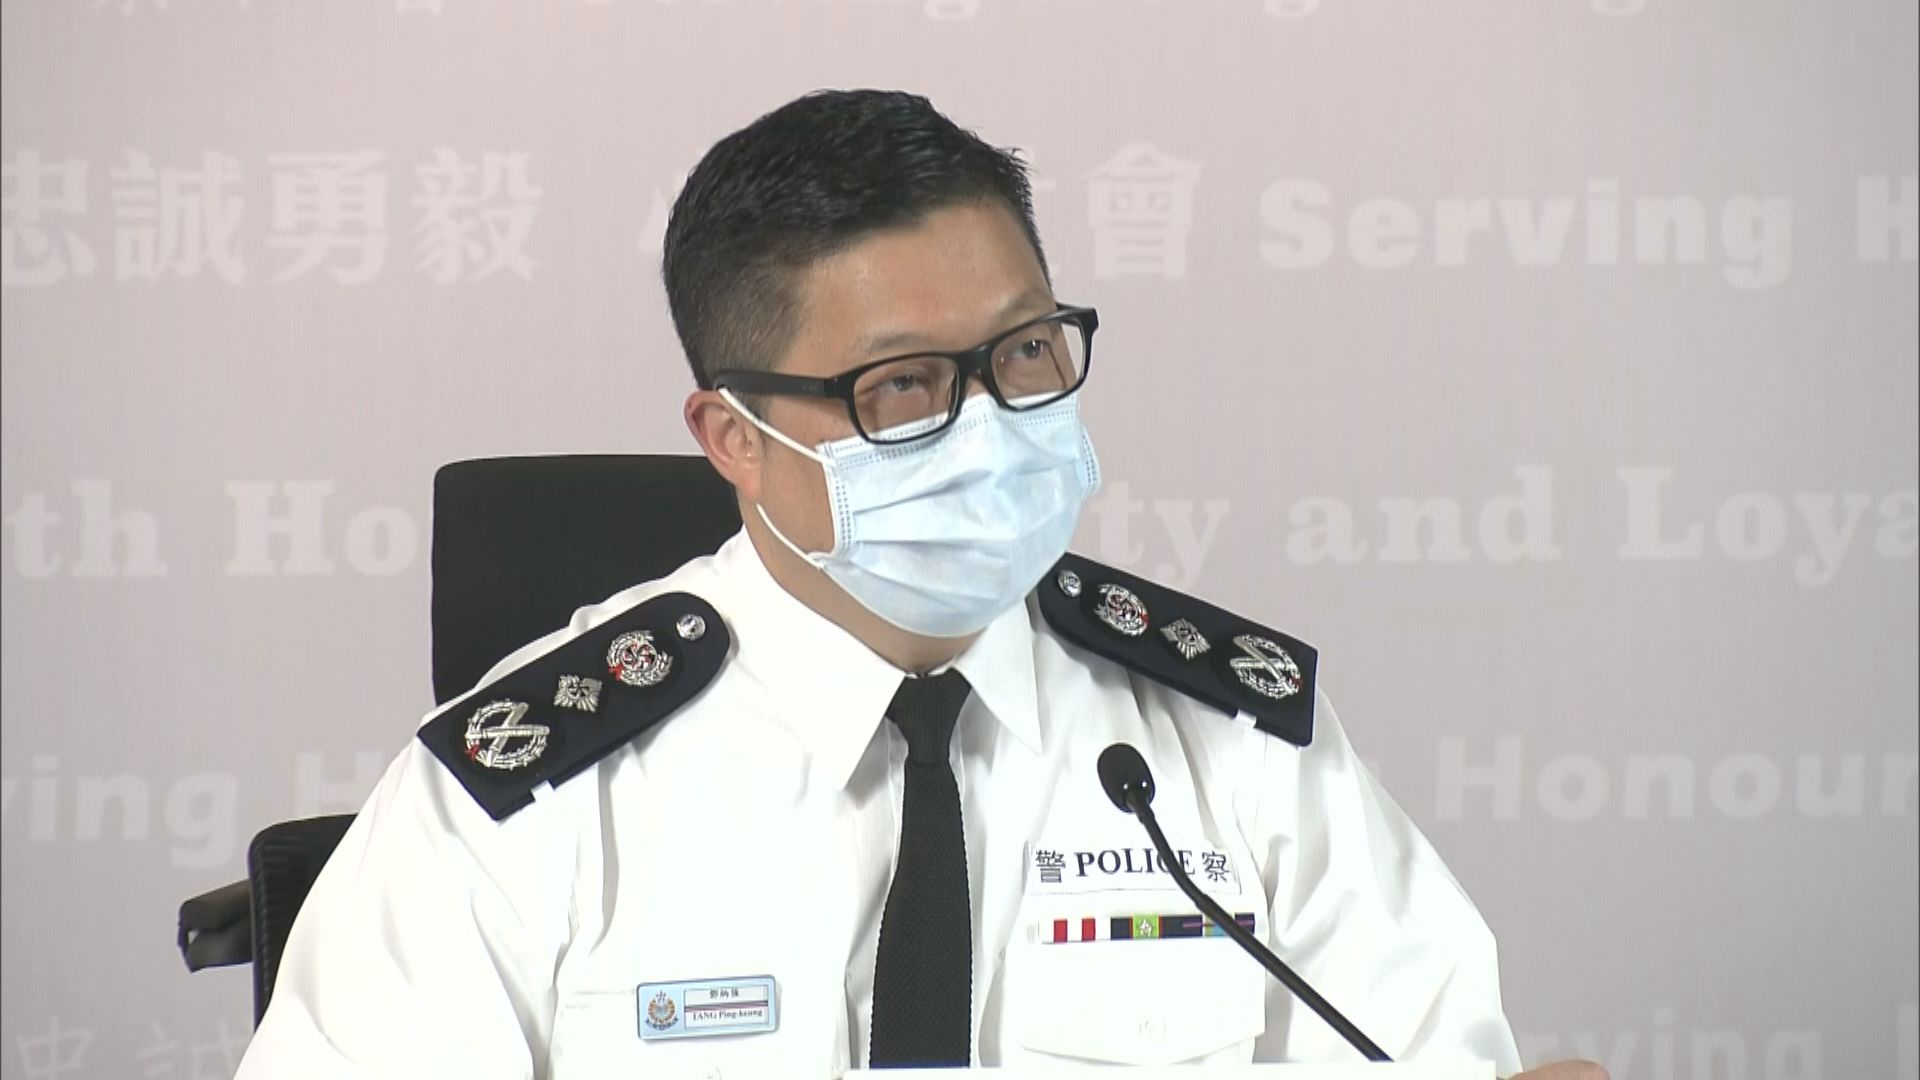 去年45名警員被捕 鄧炳強指非常關注警員誠信